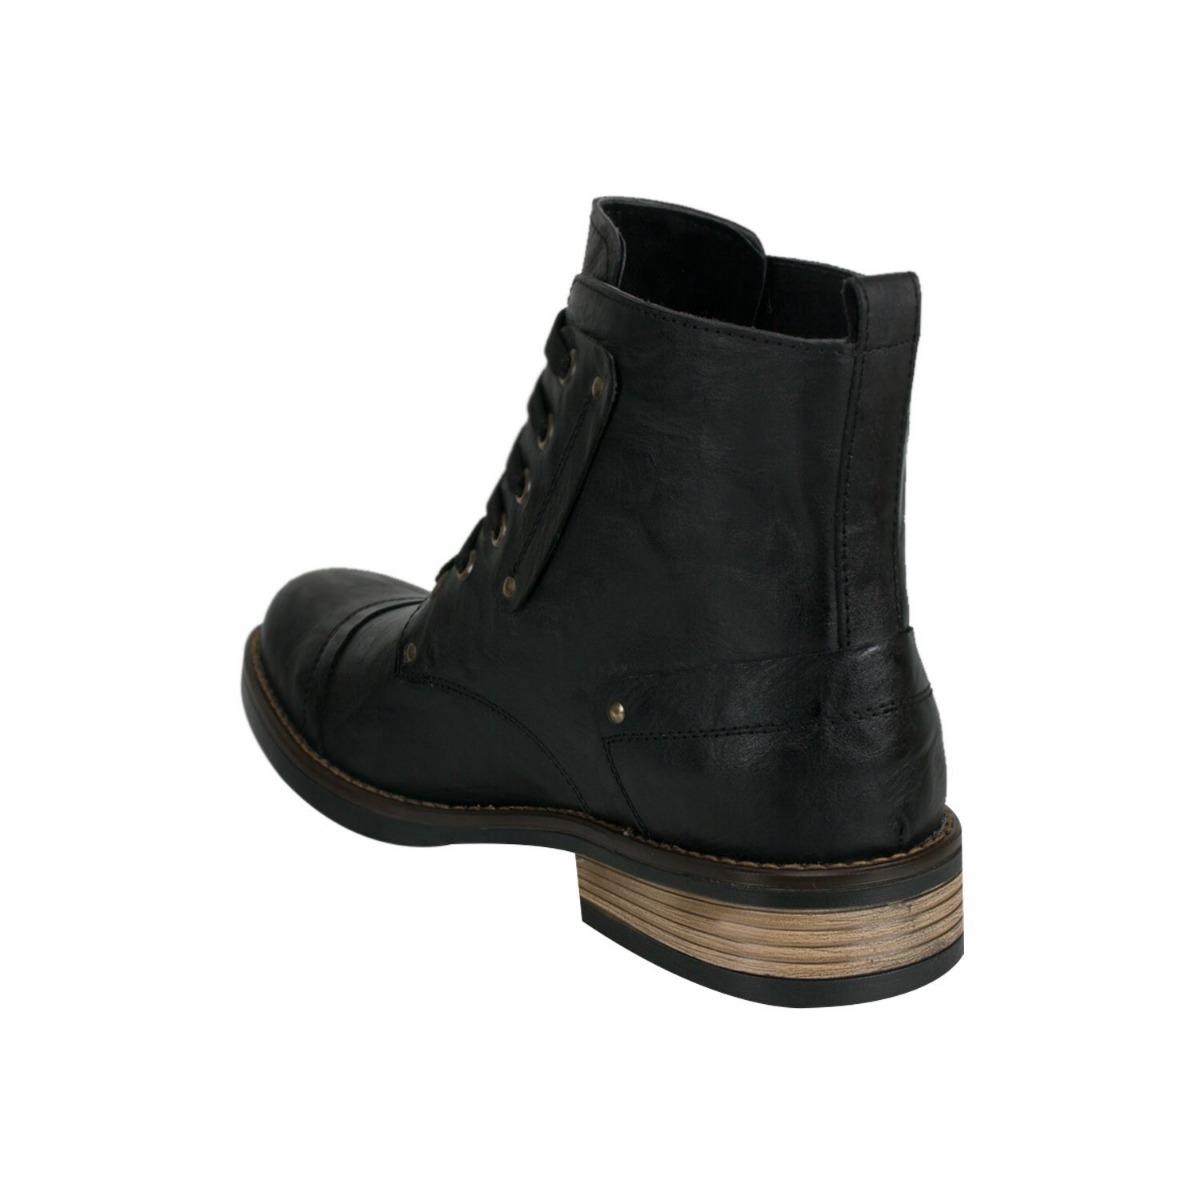 bfeaa314b6 botas casuales para hombre locman negras originales id56. Cargando zoom.